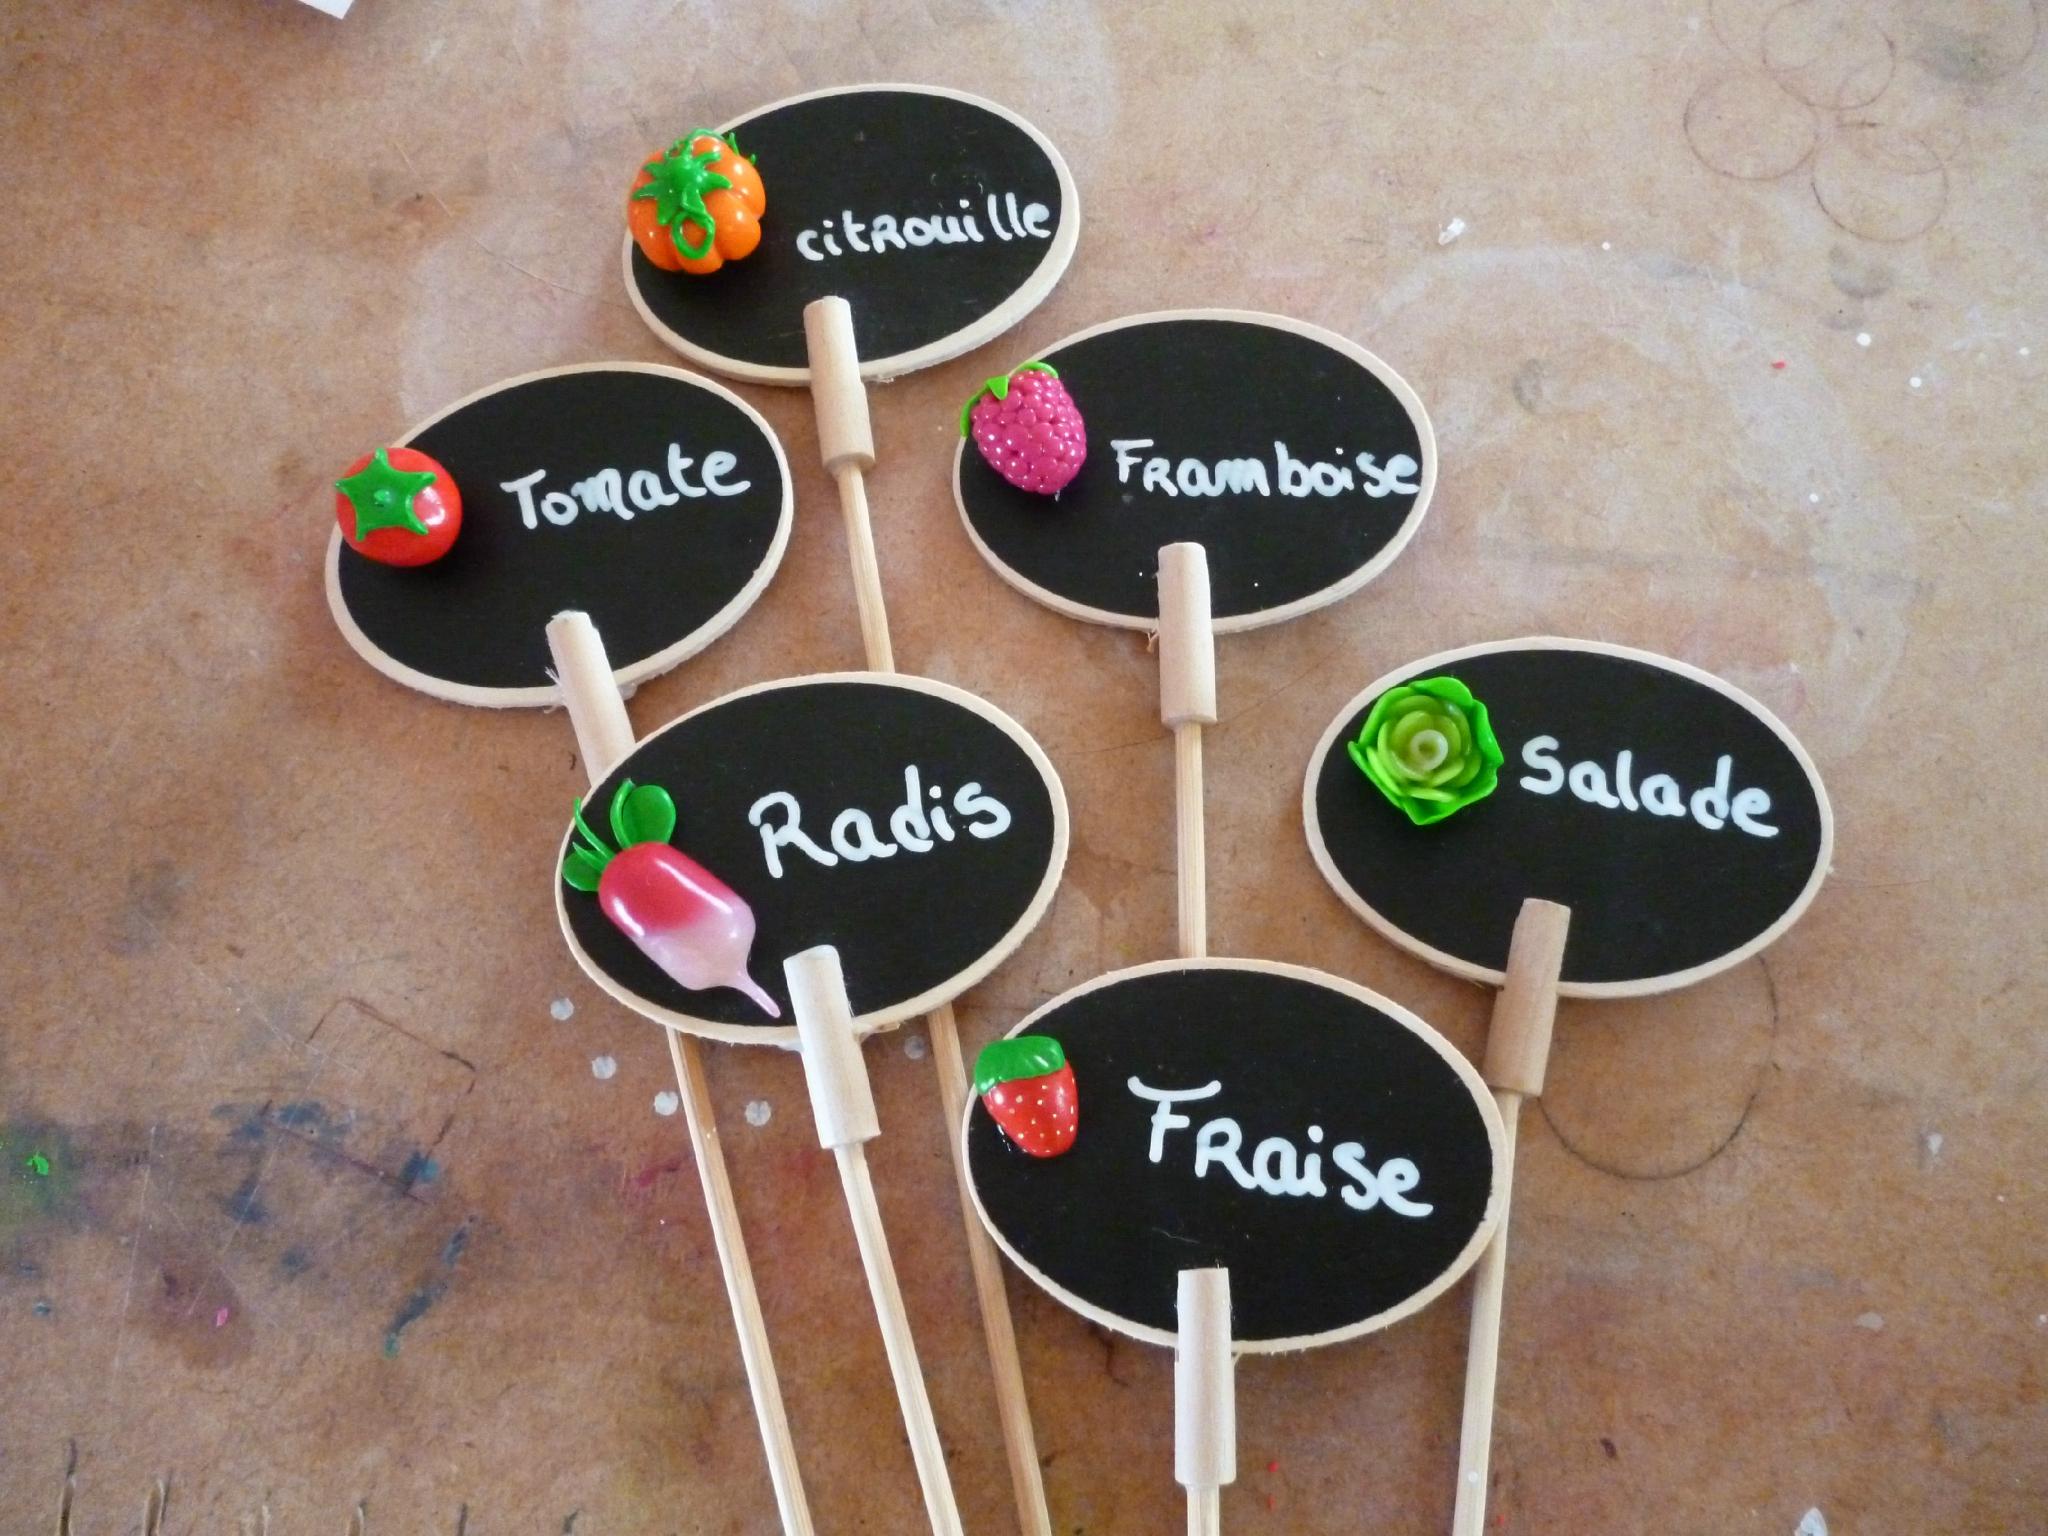 Etiquettes Pour Le Jardin Ou Les Pots De Fleurs - Les ... avec Etiquettes Jardin